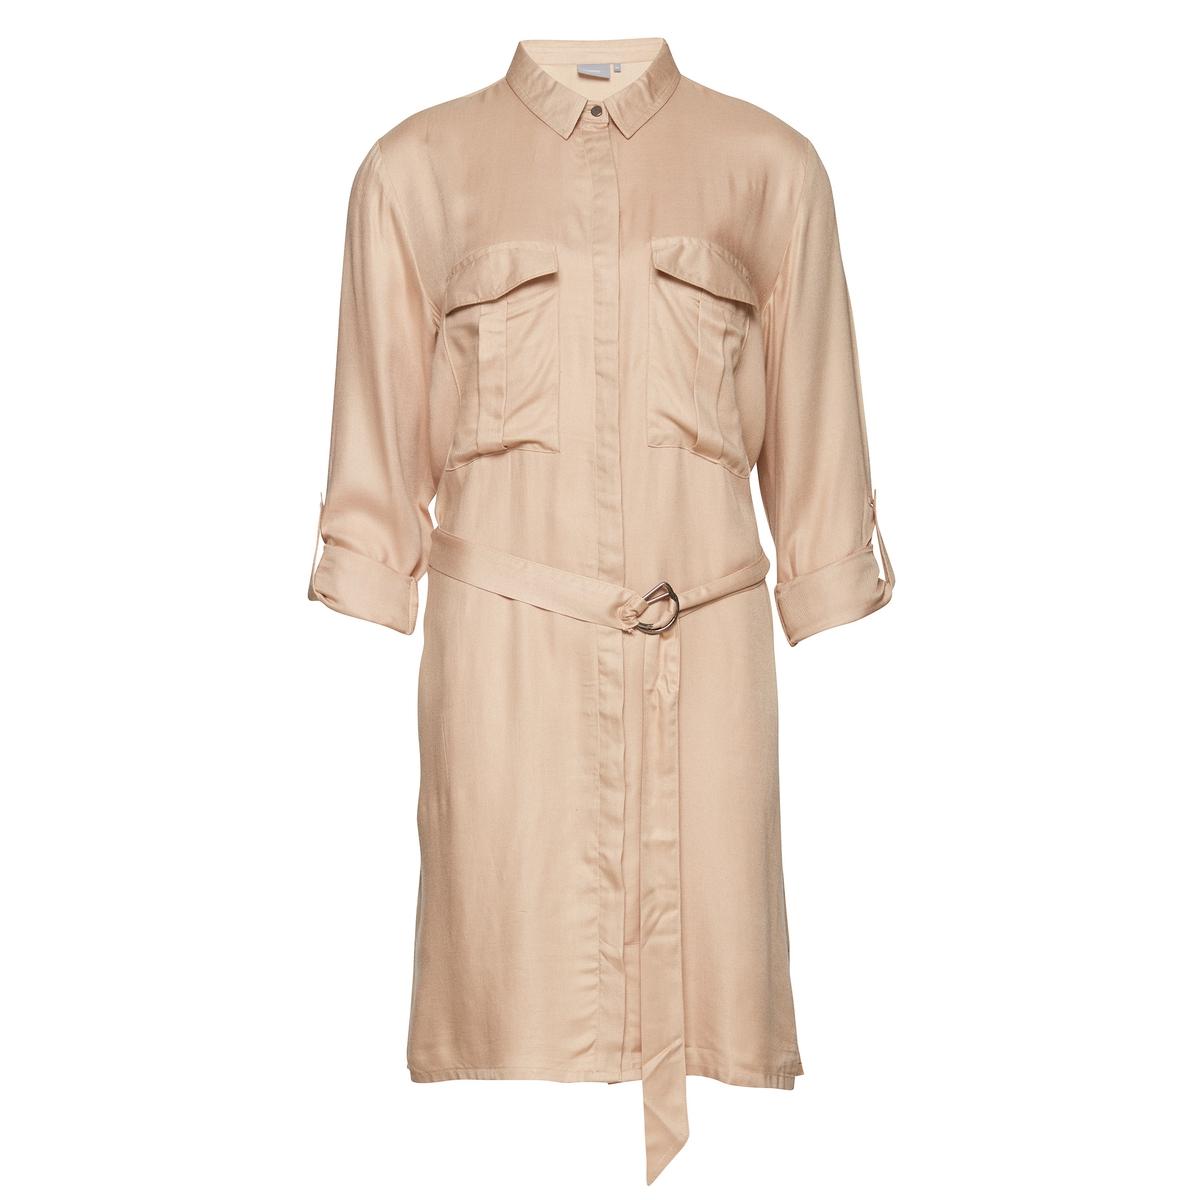 Платье с короткими рукавами и рубашечным воротникомМатериал : 100% вискоза  Длина рукава : Длинные рукава  Форма воротника : воротник-поло, рубашечный. Покрой платья : платье прямого покроя  Рисунок : Однотонная модель   Длина платья : короткое.<br><br>Цвет: бежевый